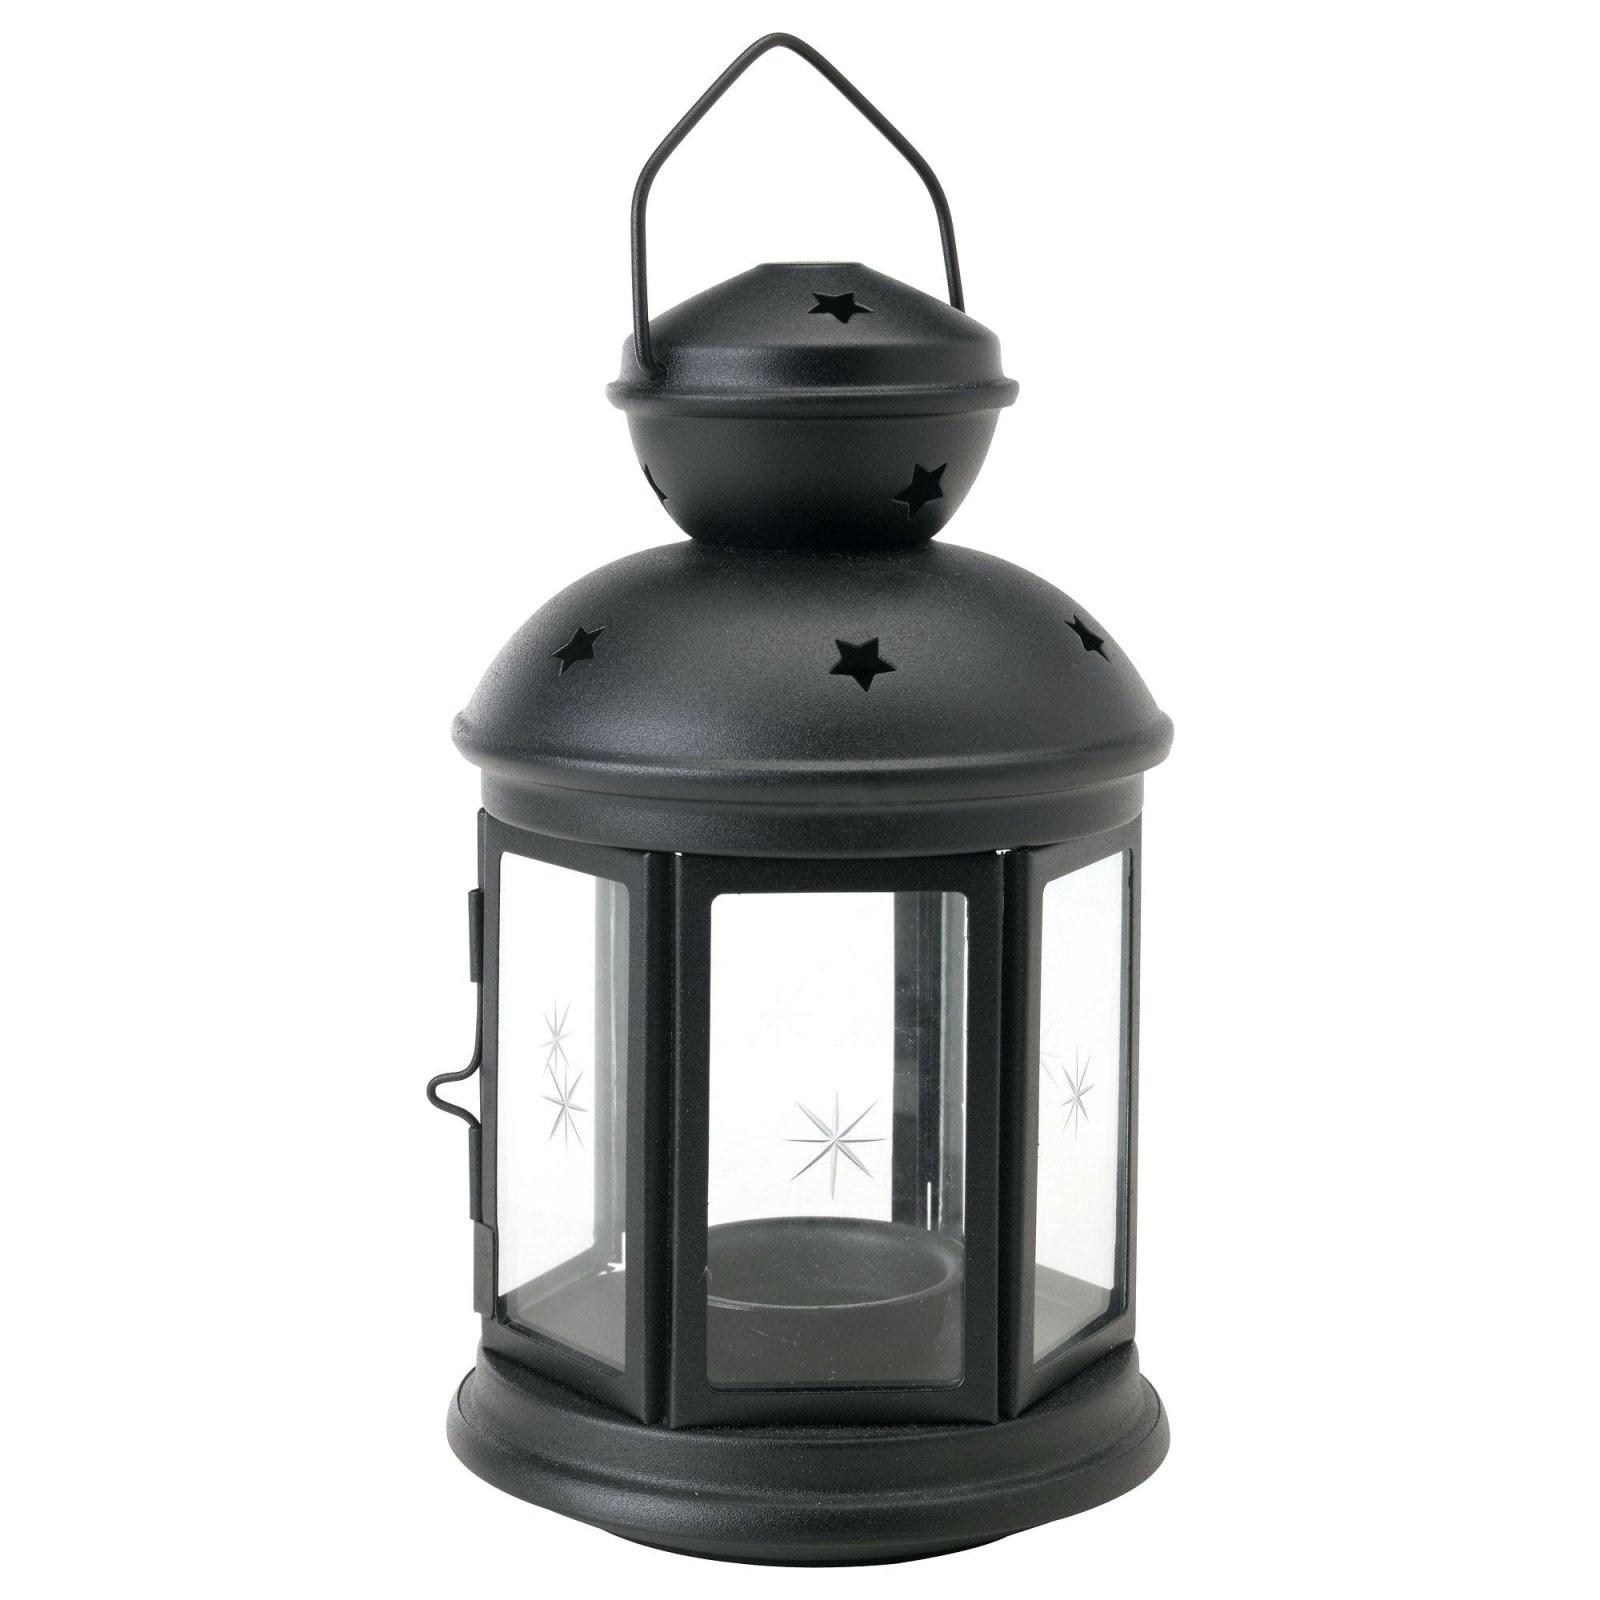 Lampe Ikea Kupfer Luster Ikea Lampe Kupfer Schwarz – Airdropbox von Ikea Lampe Schwarz Kupfer Bild